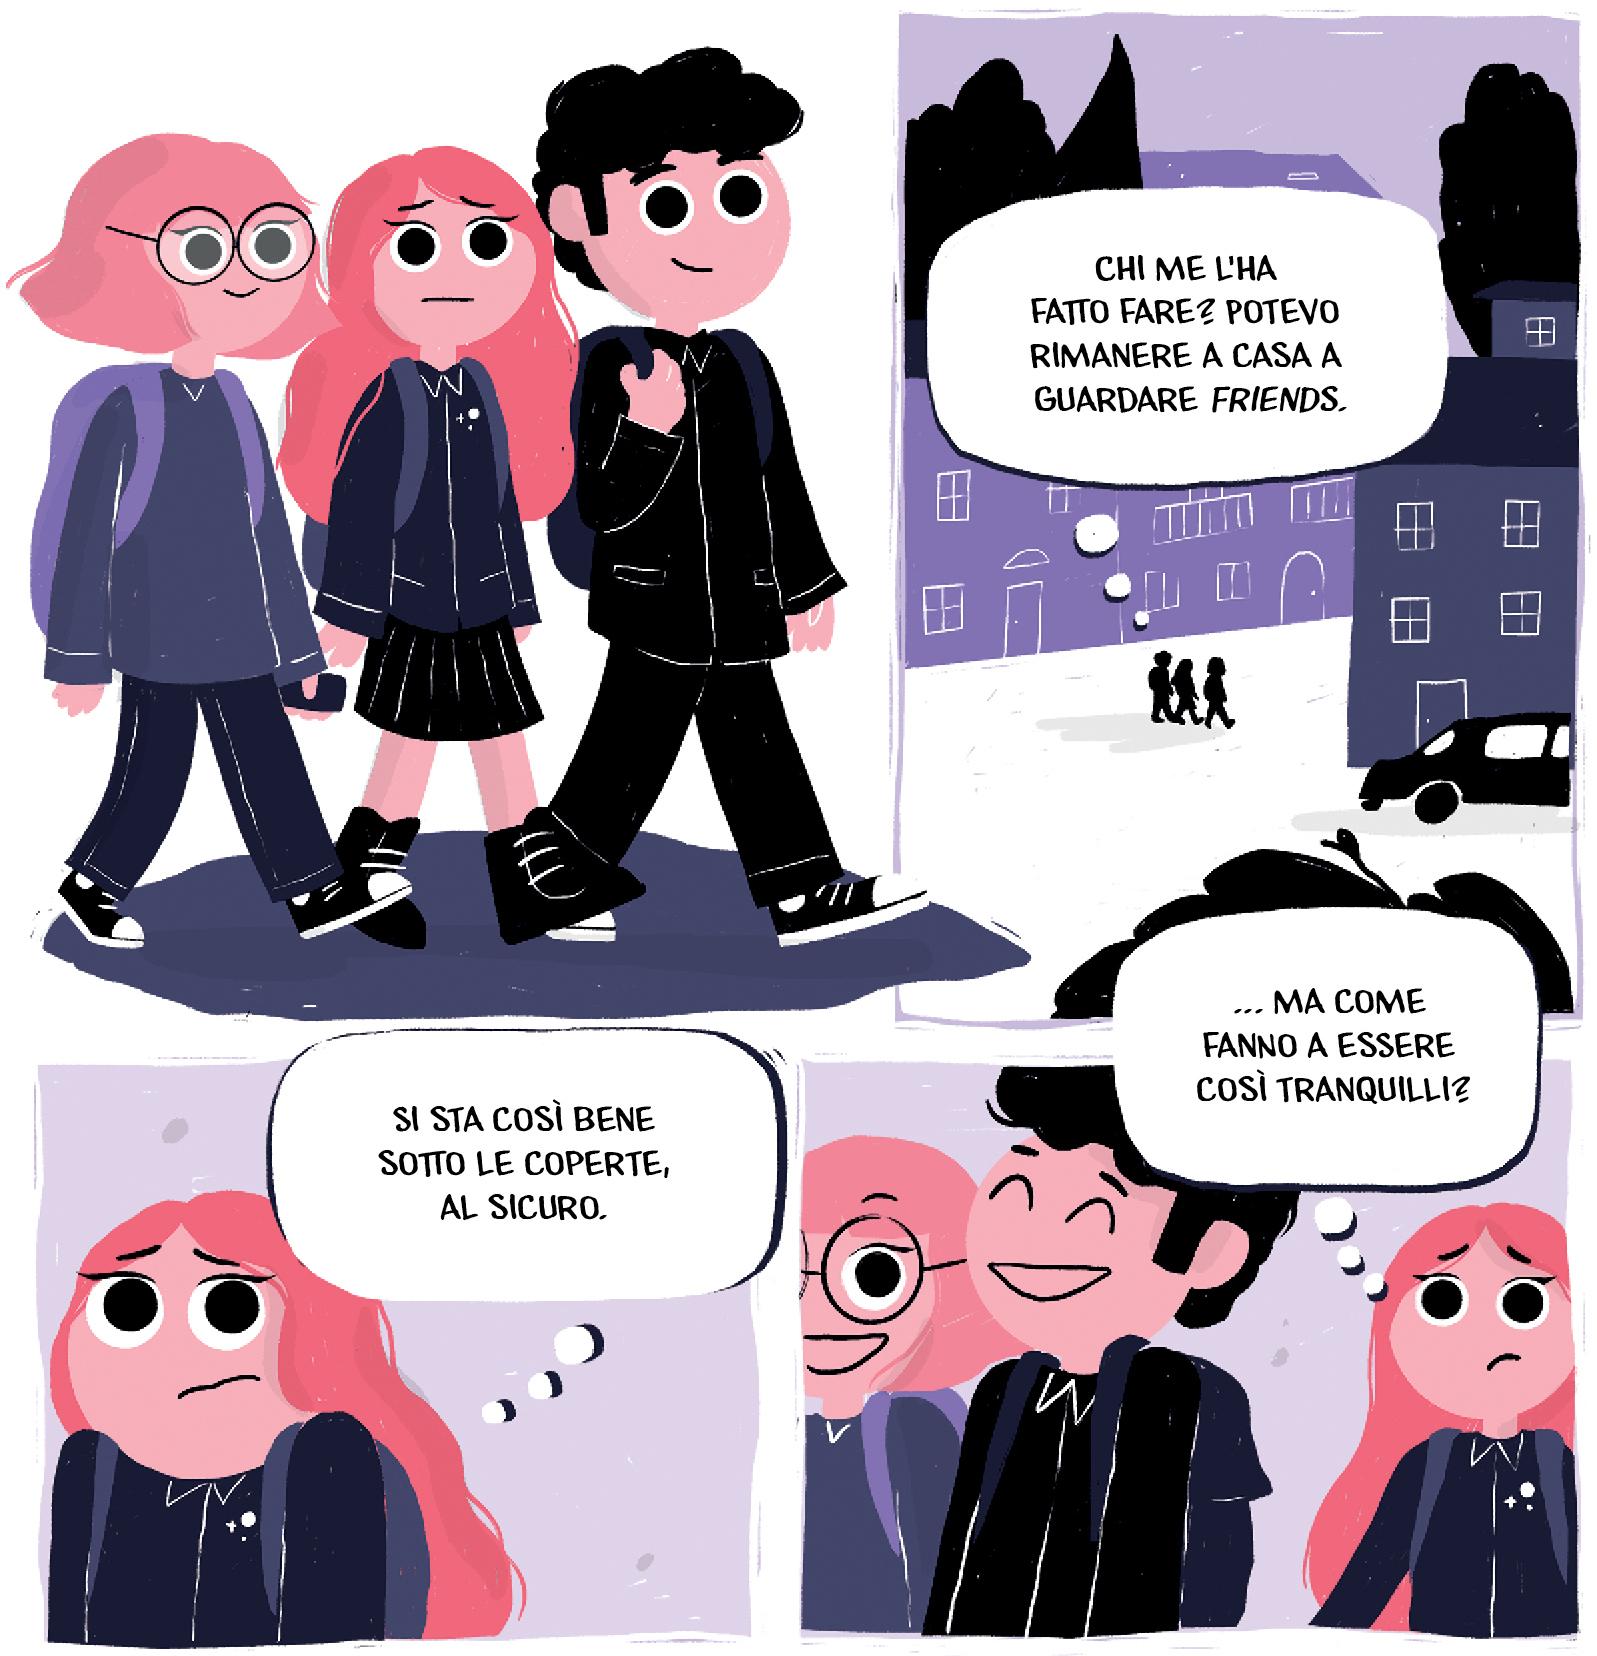 Il cerchio magico, la graphic novel di Carlotta Scalabrini